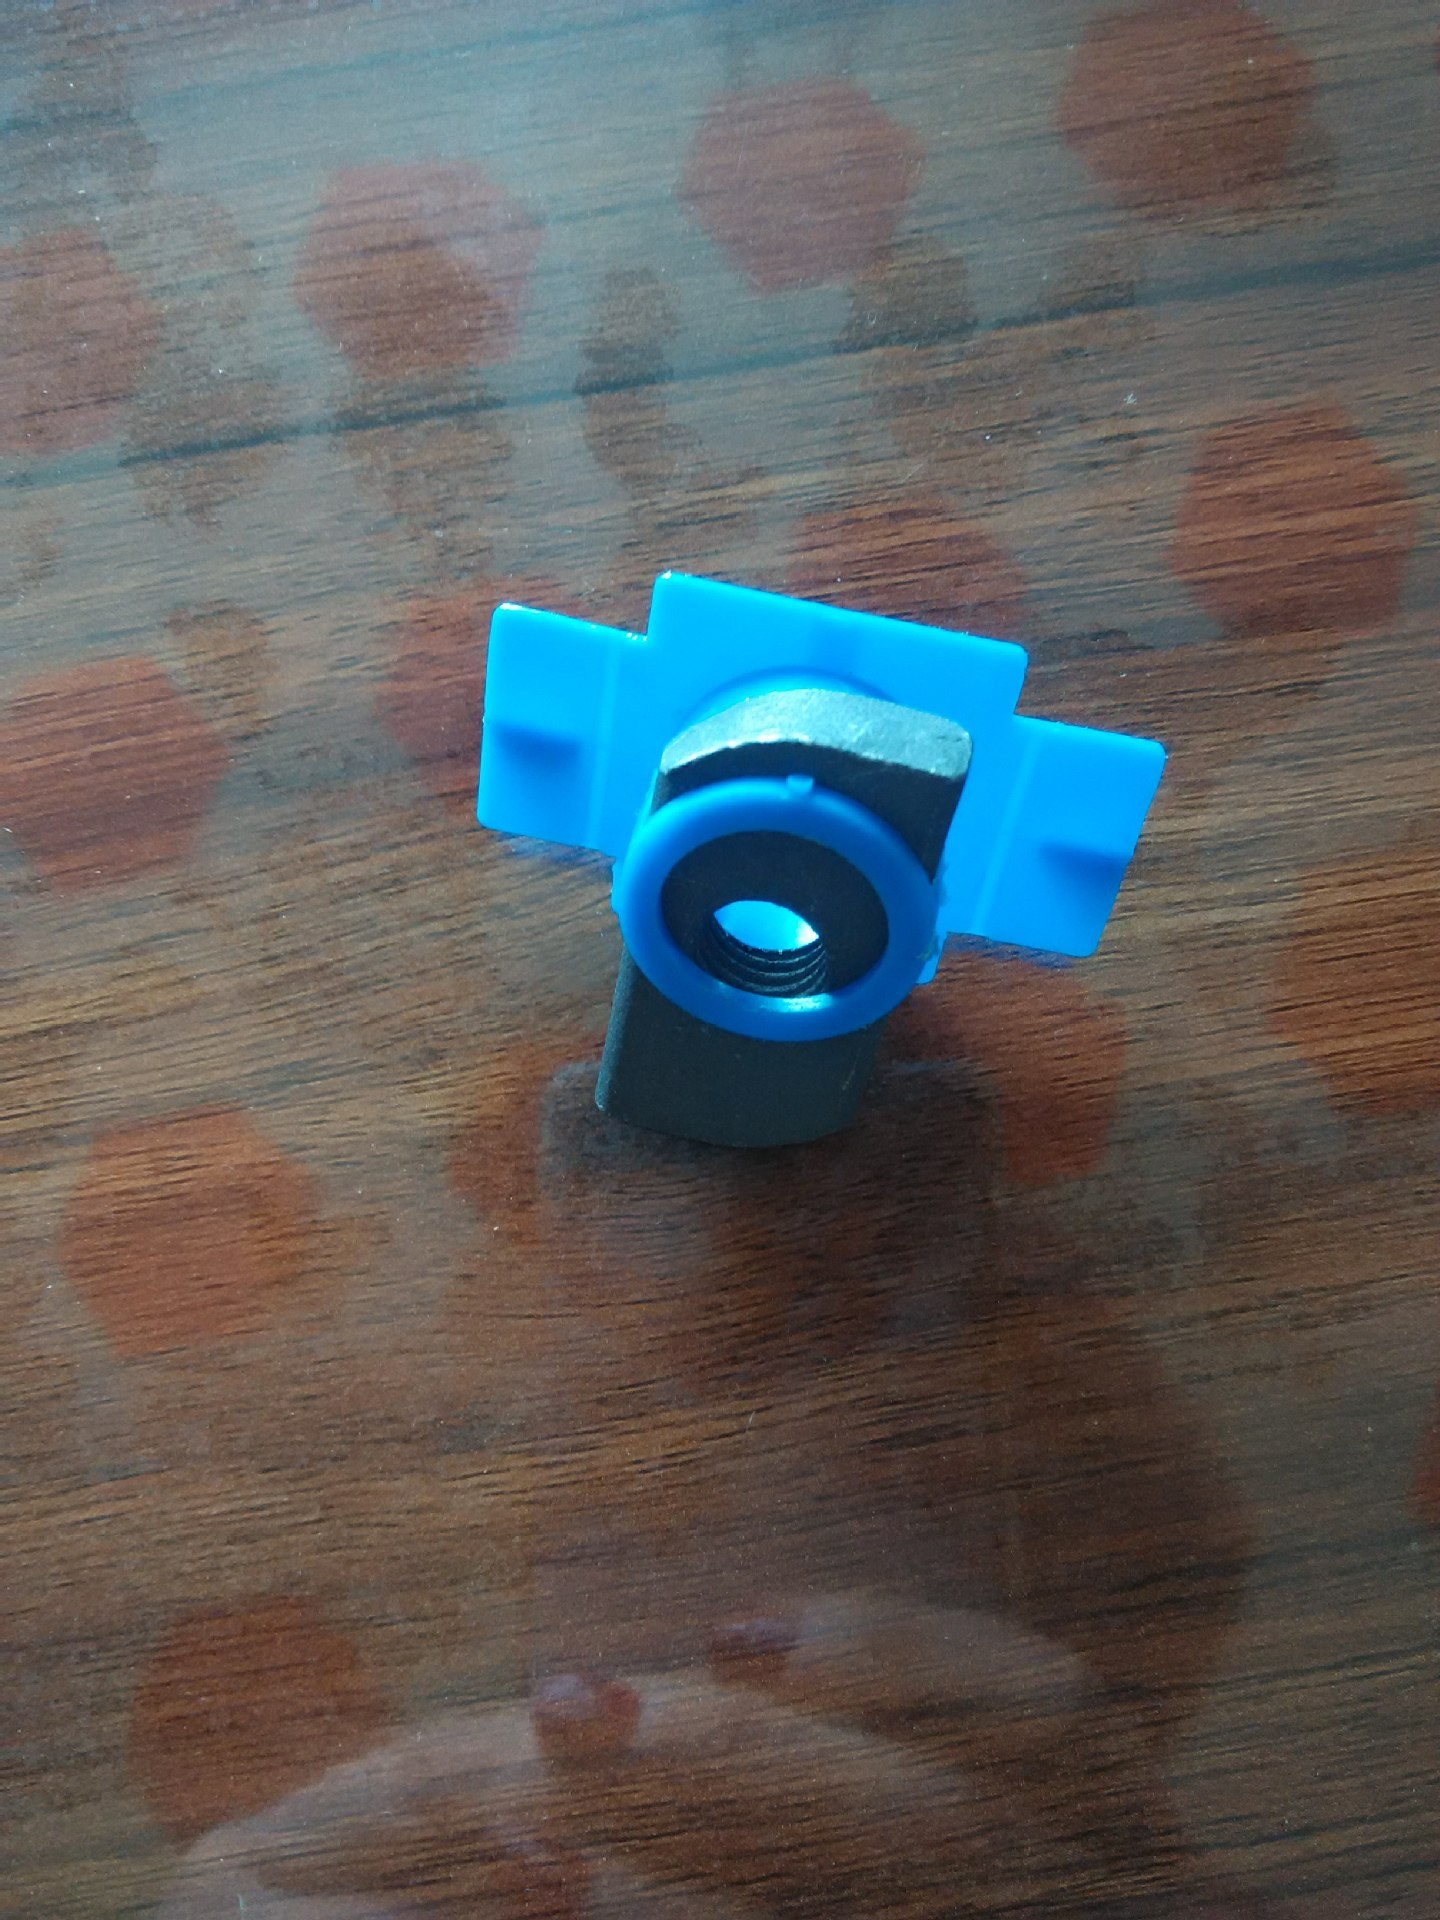 Nhựa cánh đai ốc vít tia điện mặt trời khung nhựa cánh mép đinh tán chặt phần mềmNhựa cánh đai ốc ví